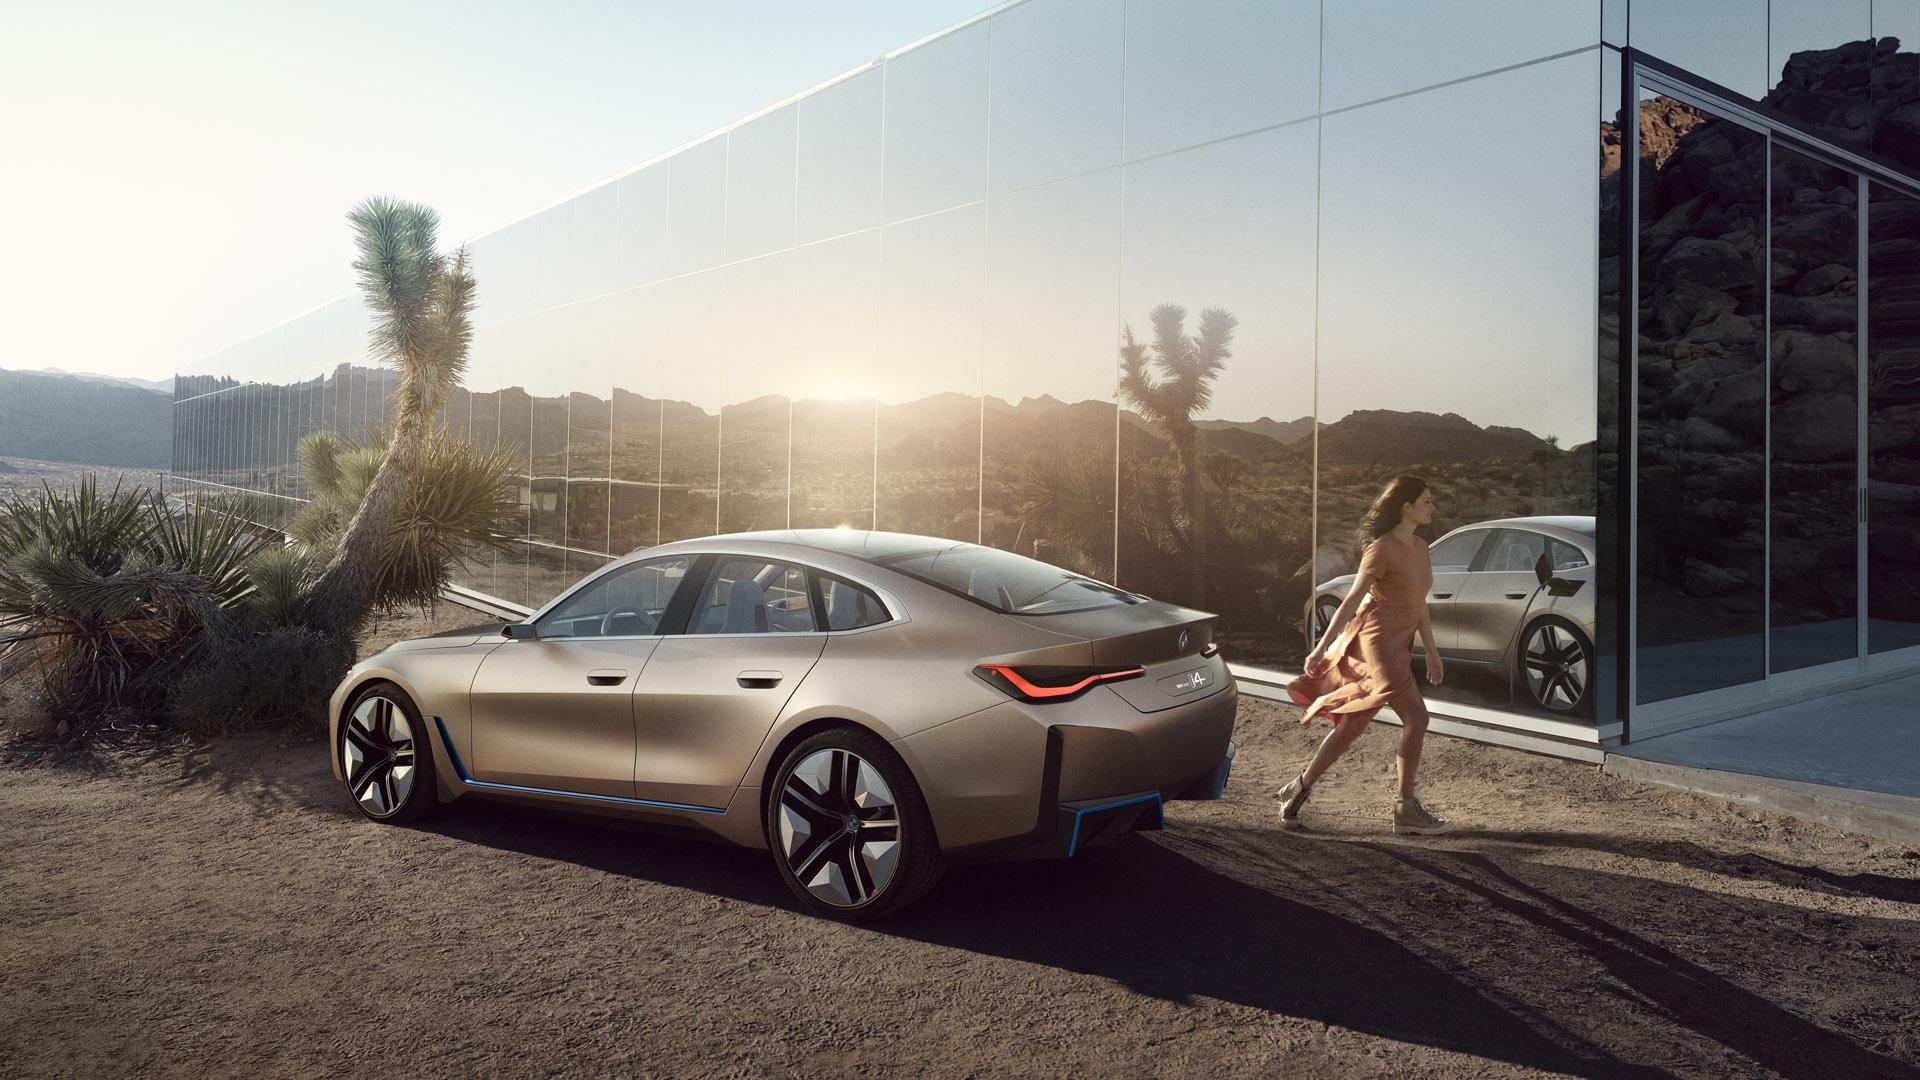 BMW Concept i4 design